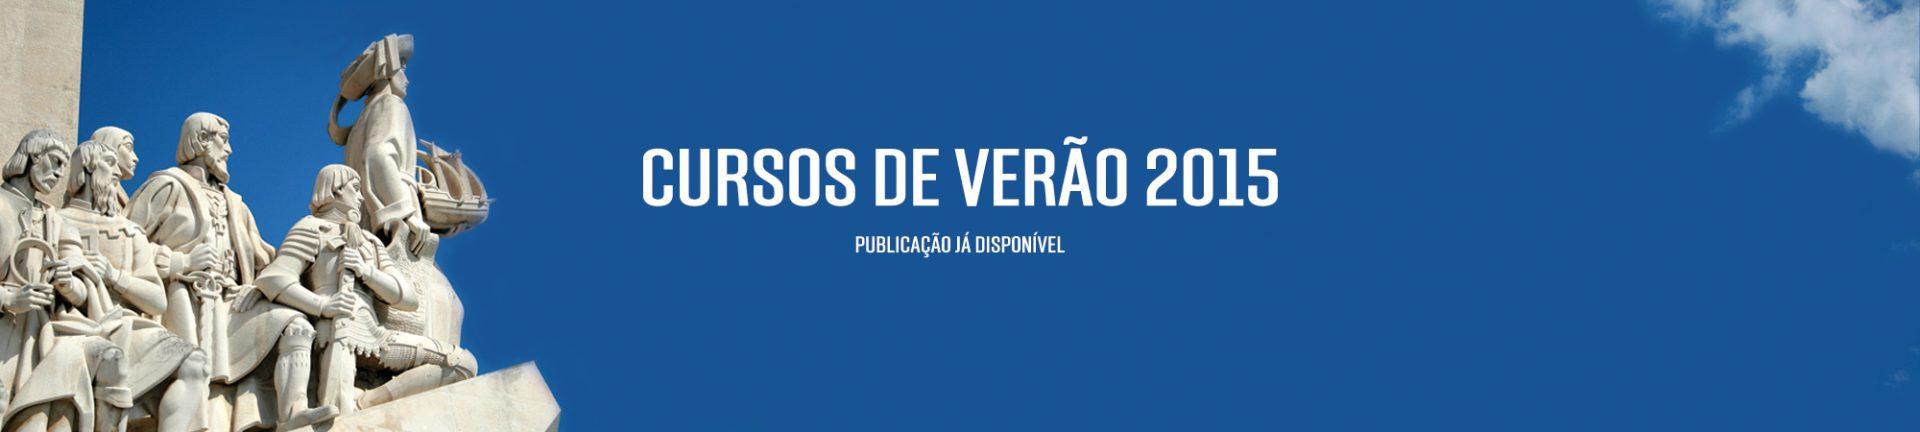 cursos_verao_2015_banner_site